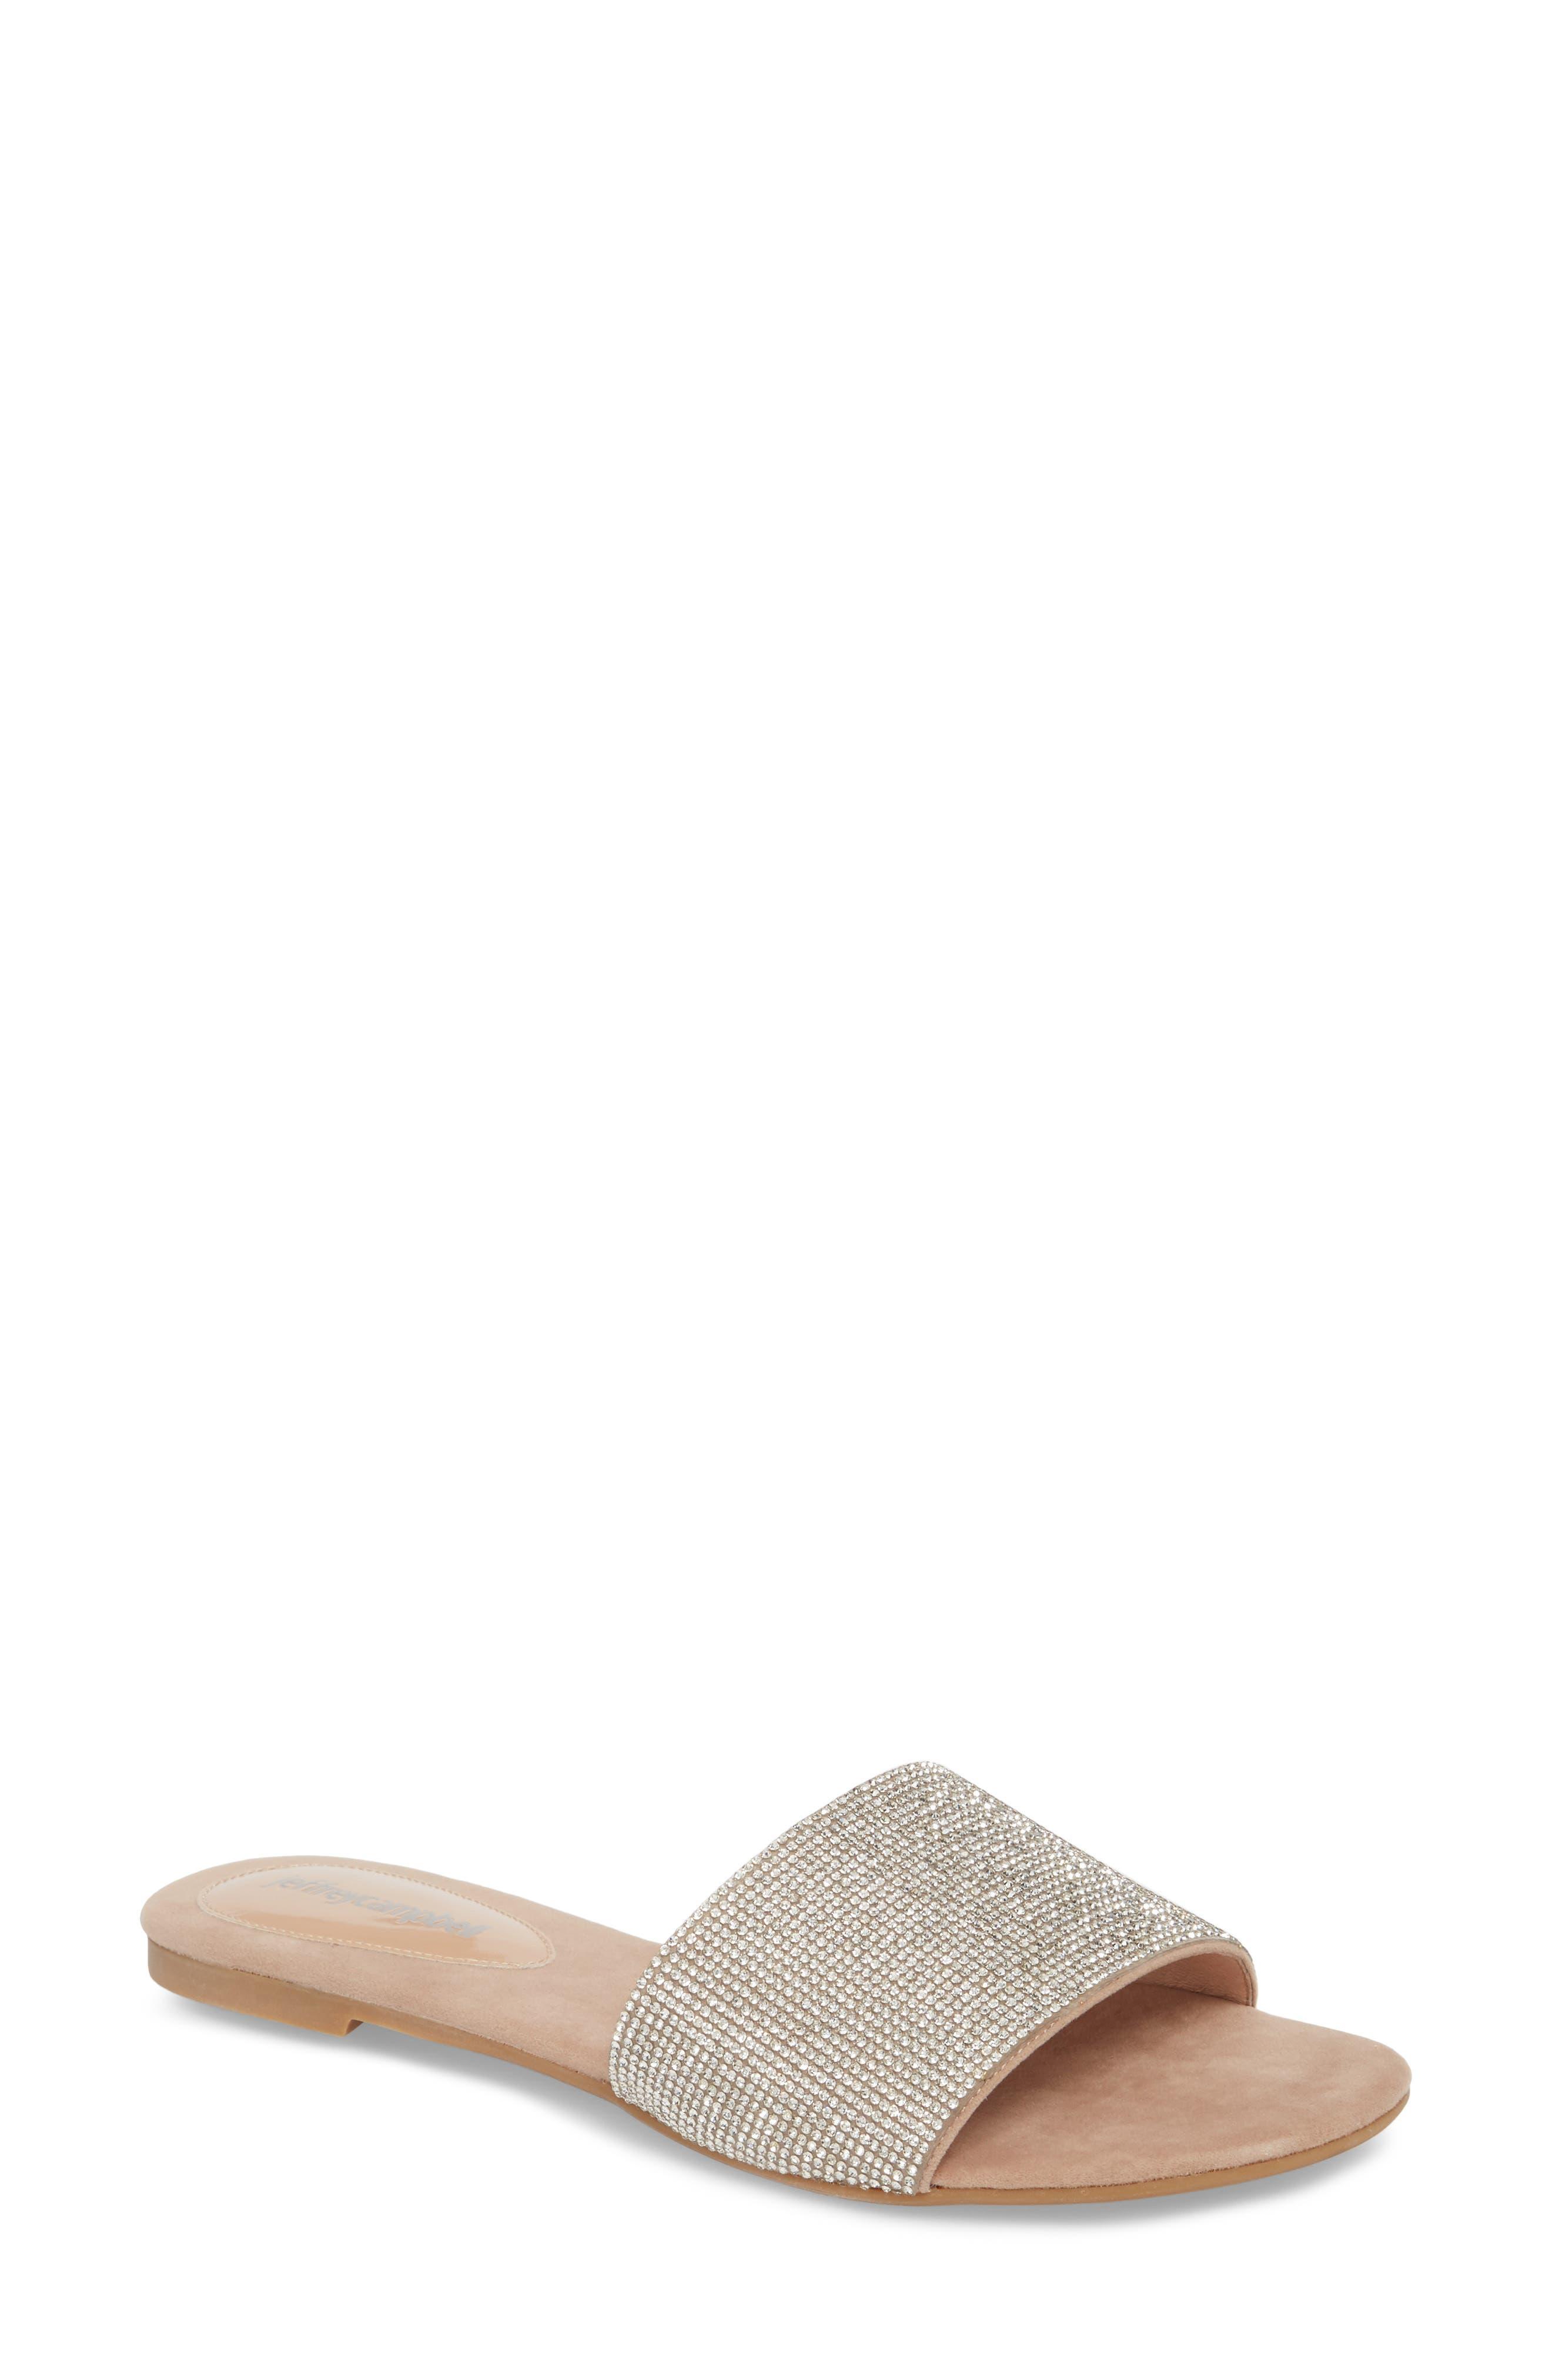 Sparque Embellished Slide Sandal,                             Main thumbnail 2, color,